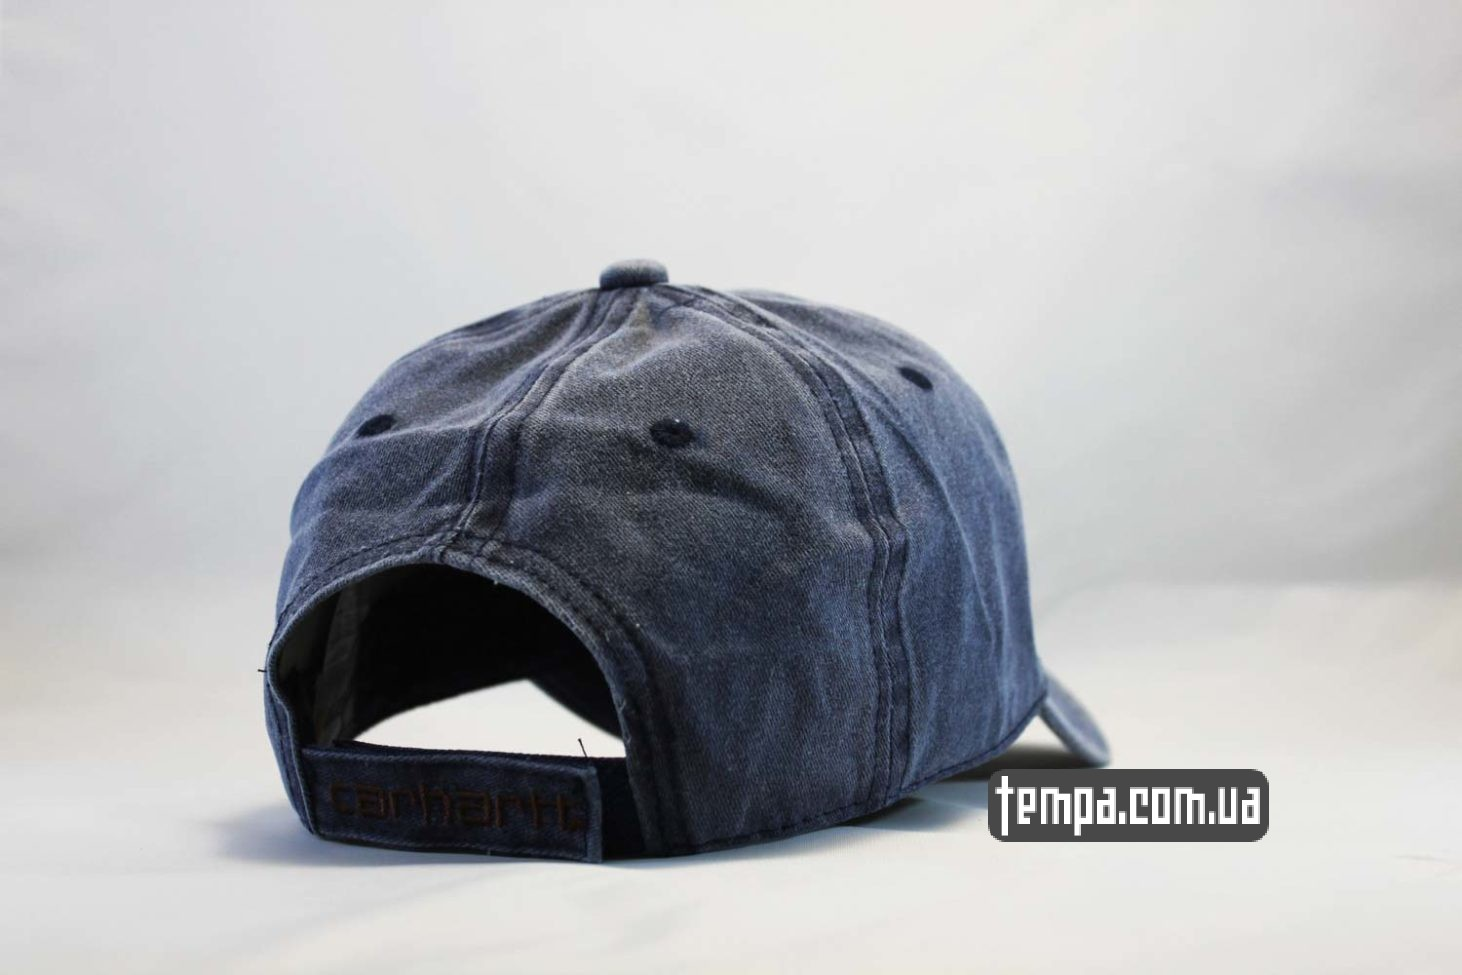 купить оригинал кепка Carhartt бейсболка джинсовая синяя купить